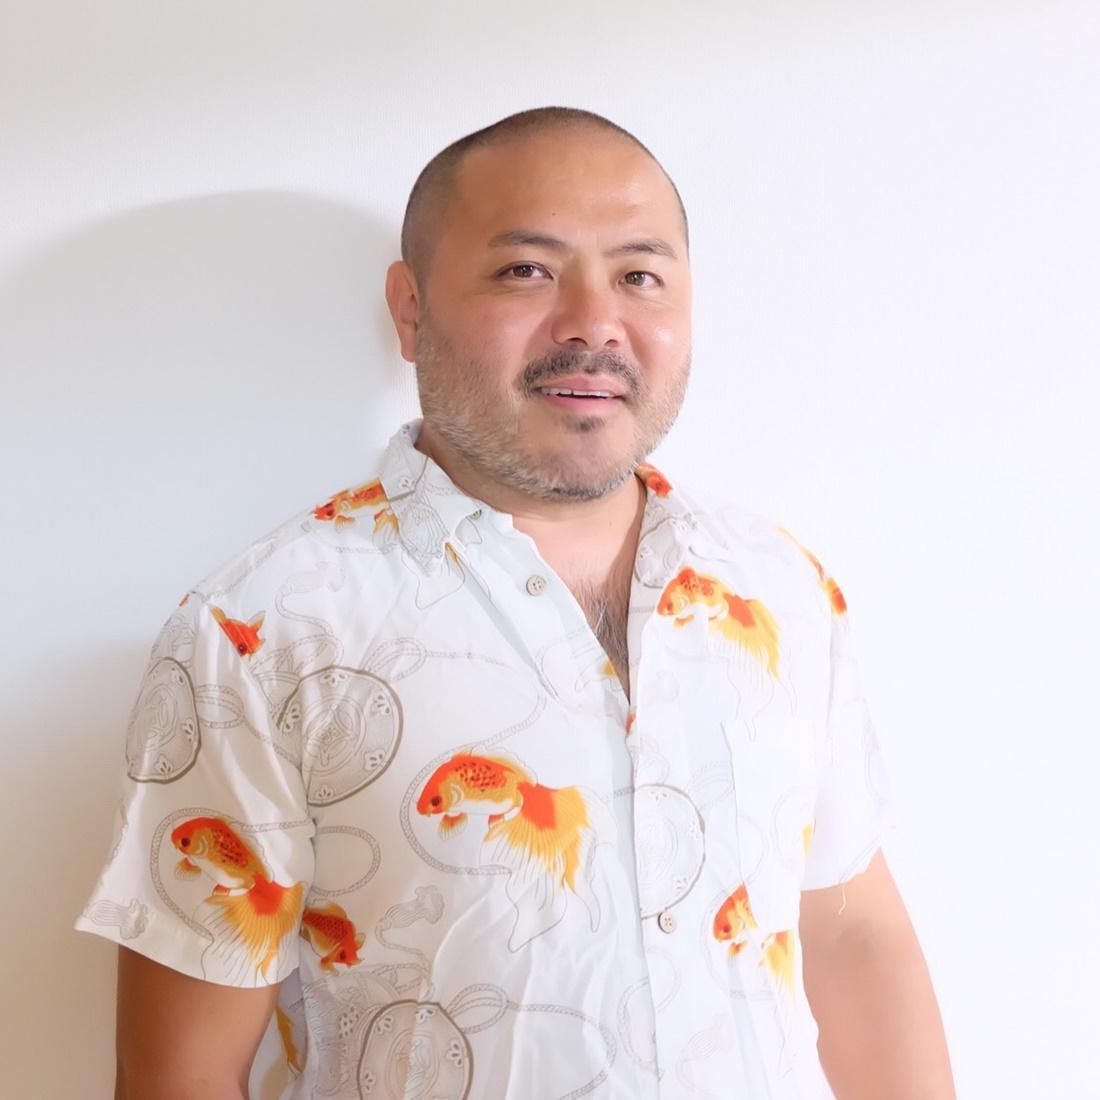 講師の一人、東京2020公式マスコットキャラクターをデザインした谷口亮さん